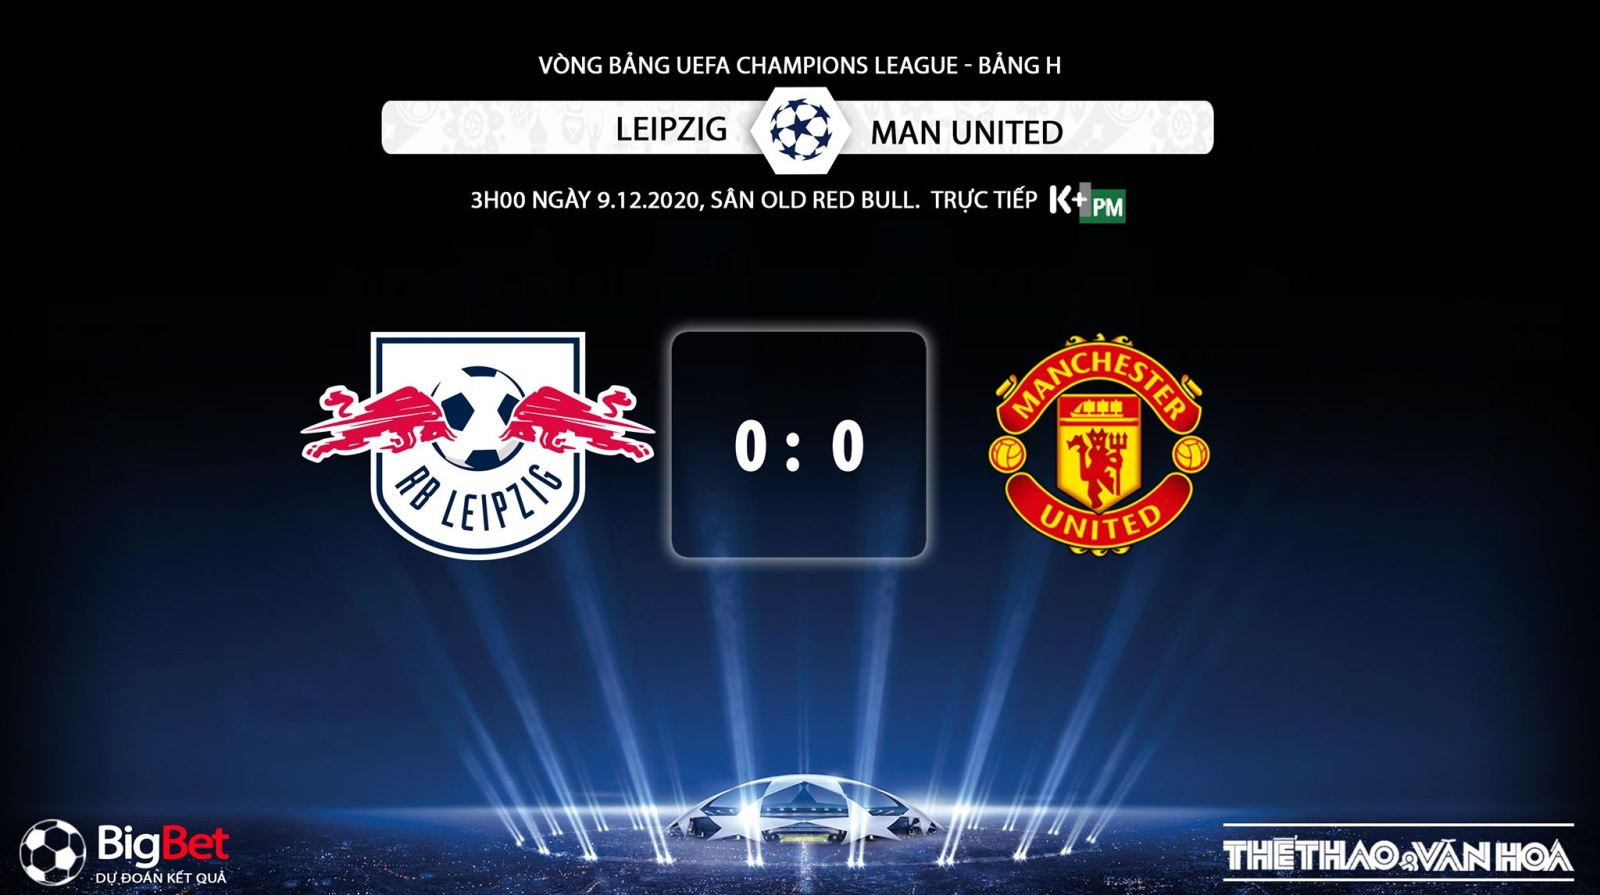 Keo nha cai, kèo nhà cái, Leipzig vs MU, Trực tiếp bóng đá, Cúp C1 châu Âu, soi kèo Leipzig đấu với MU, trực tiếp vòng bảng Champions League, kèo Manchester United